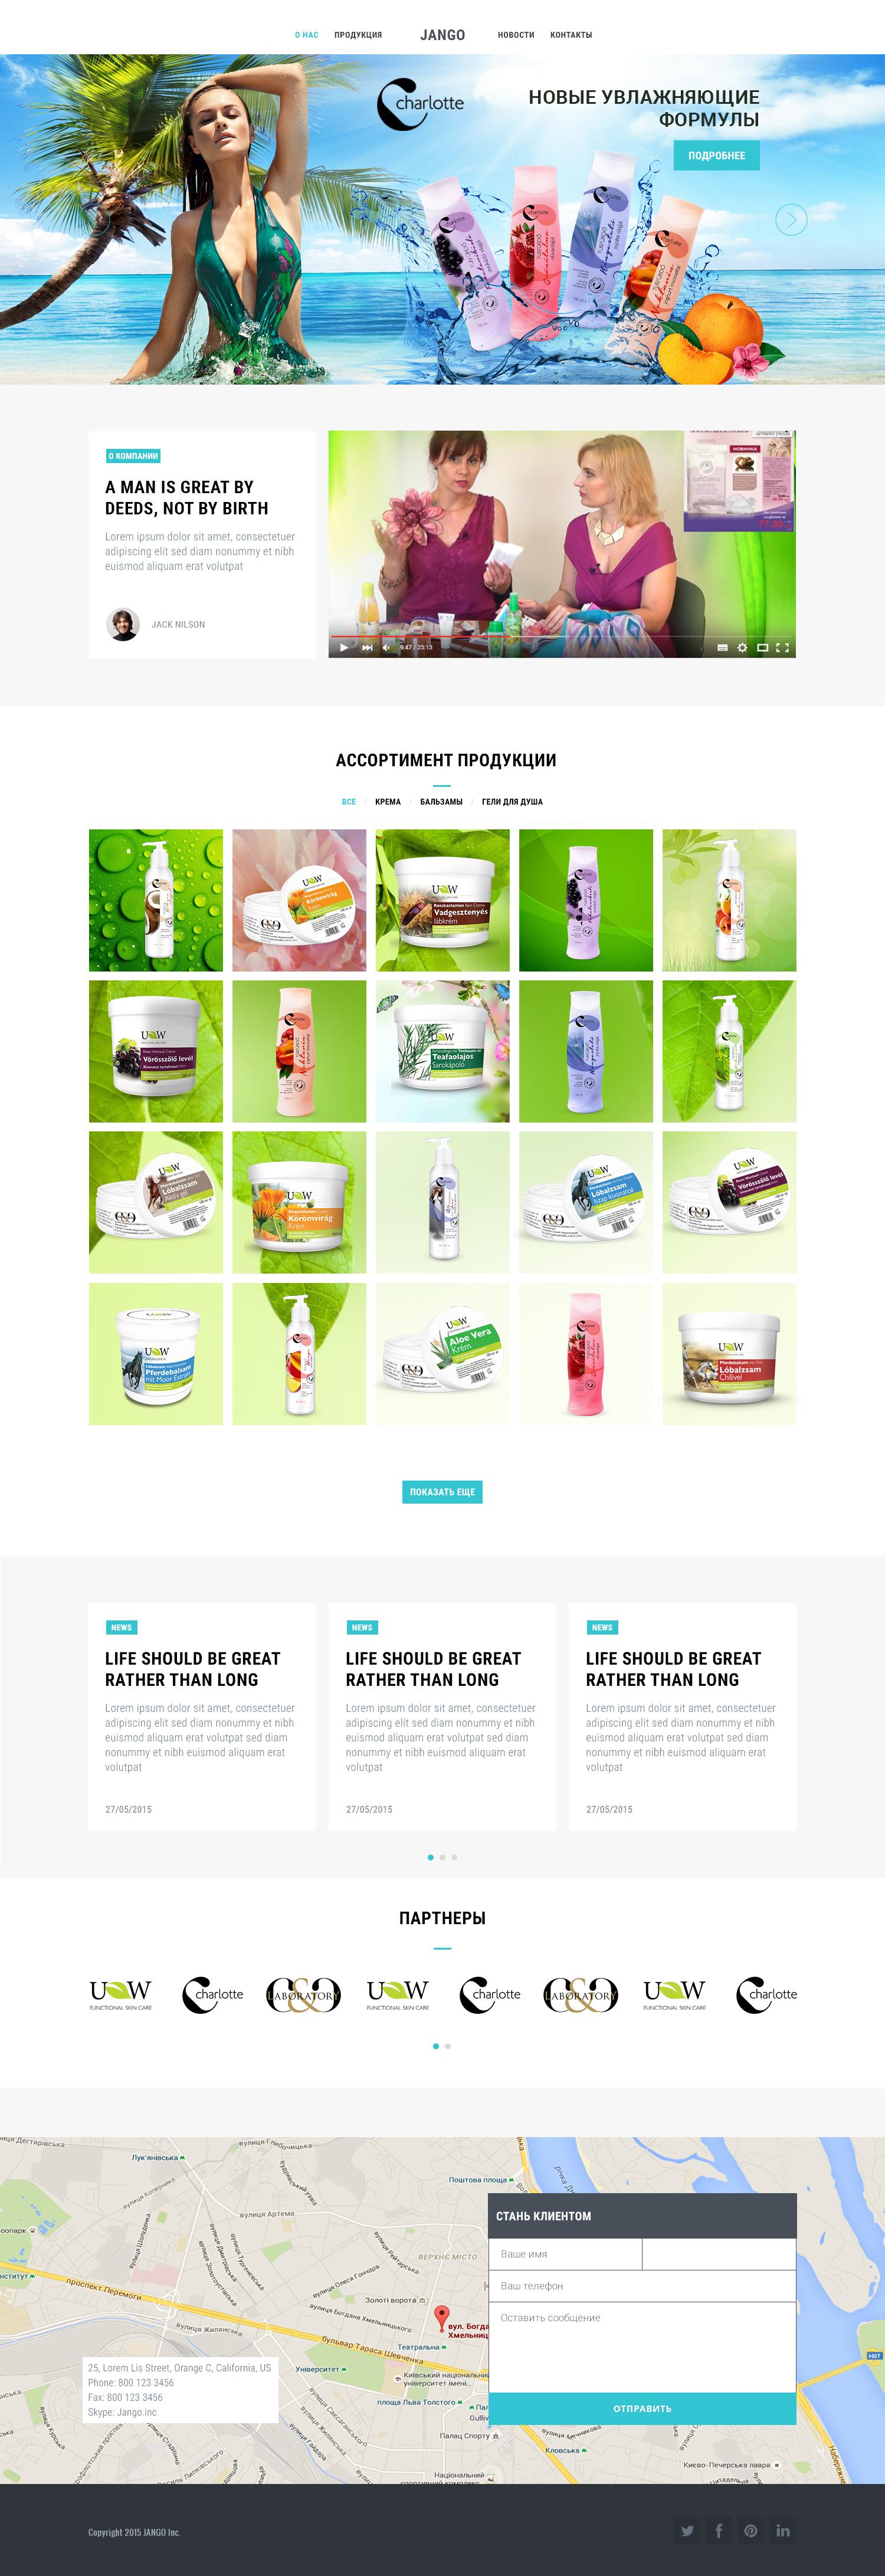 Дизайн для сайта завода косметики